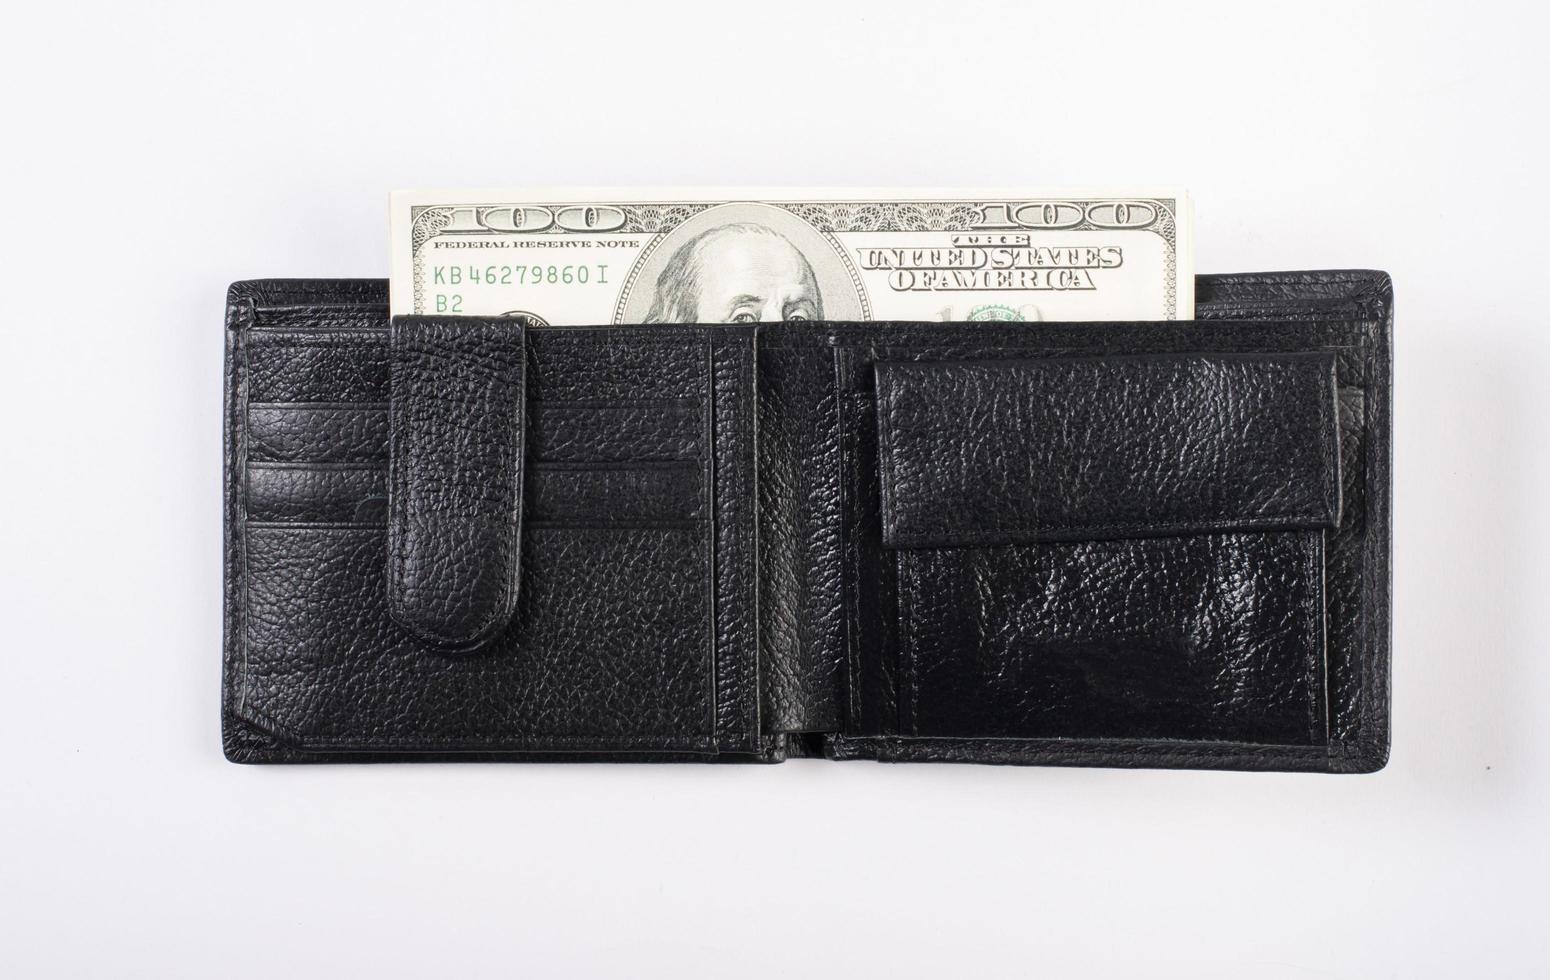 soldi in un portafoglio isolato su sfondo bianco foto